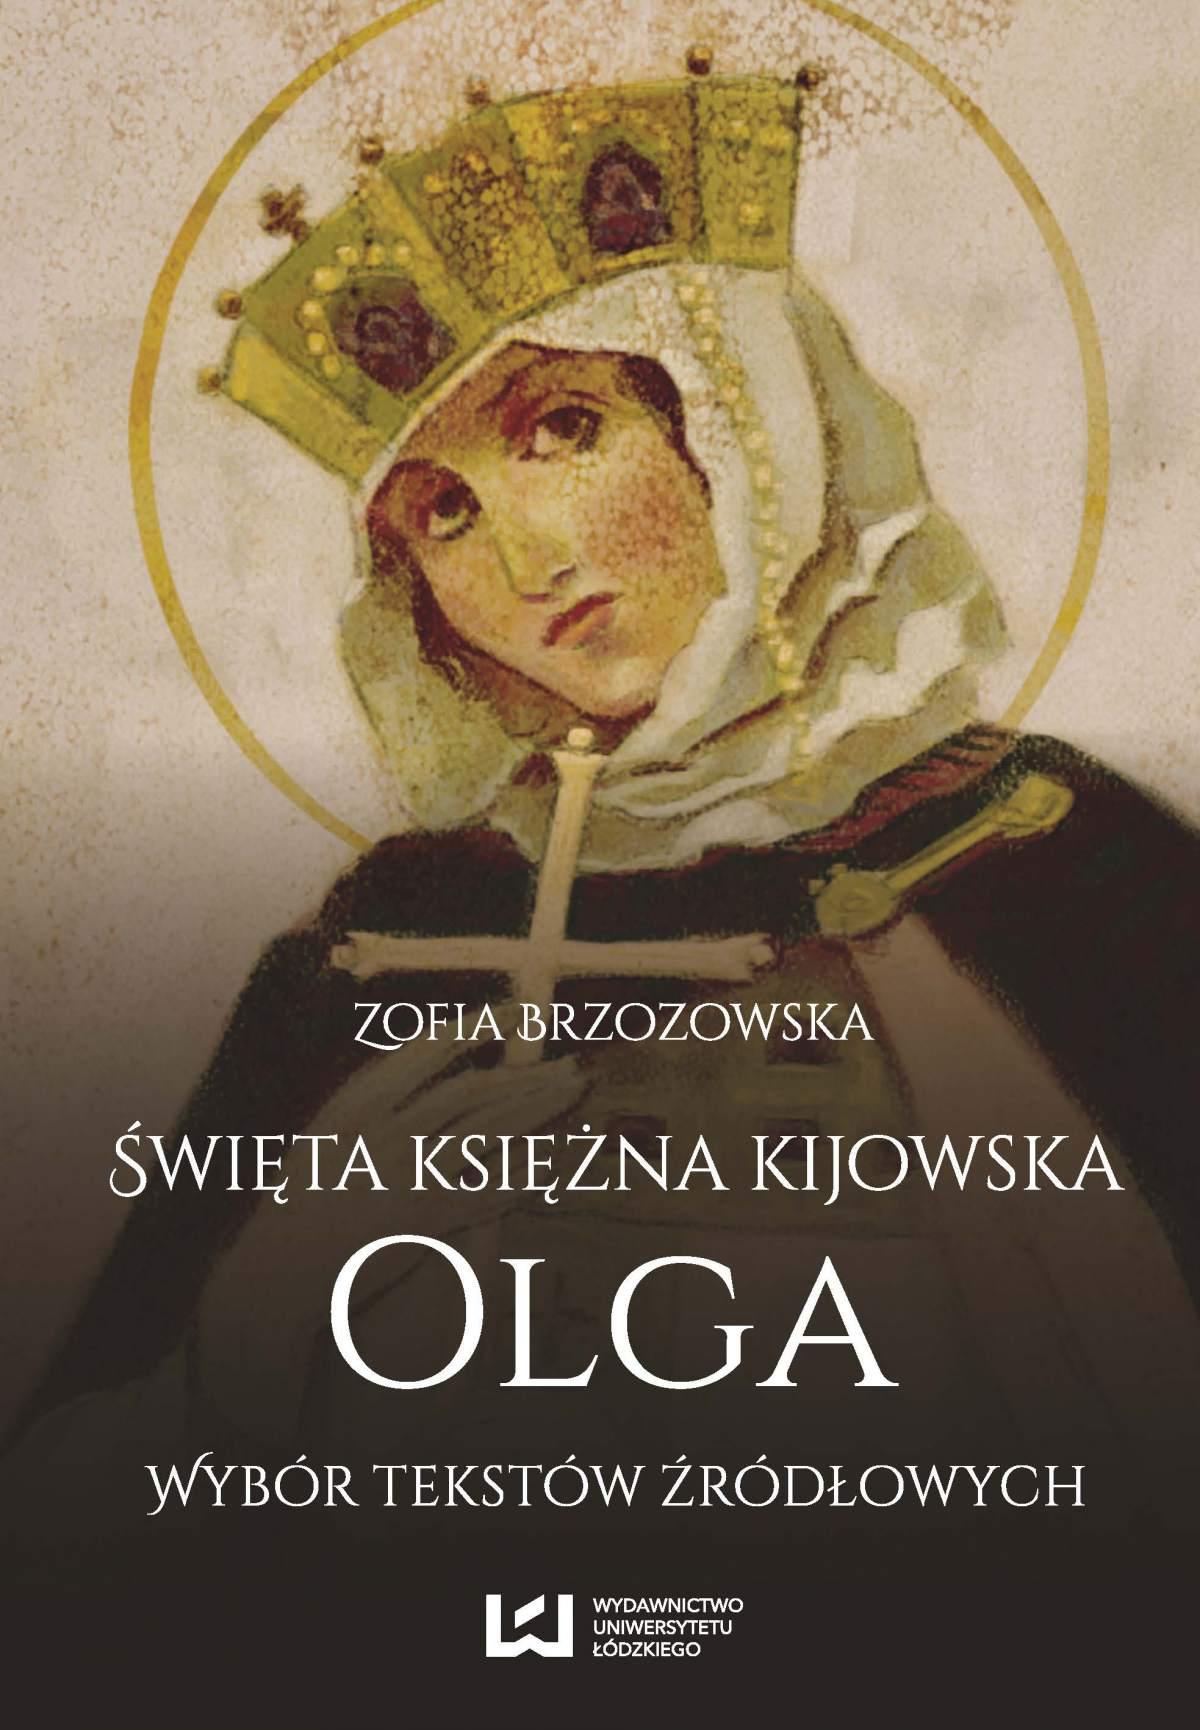 Święta księżna kijowska Olga. Wybór tekstów źródłowych - Ebook (Książka PDF) do pobrania w formacie PDF